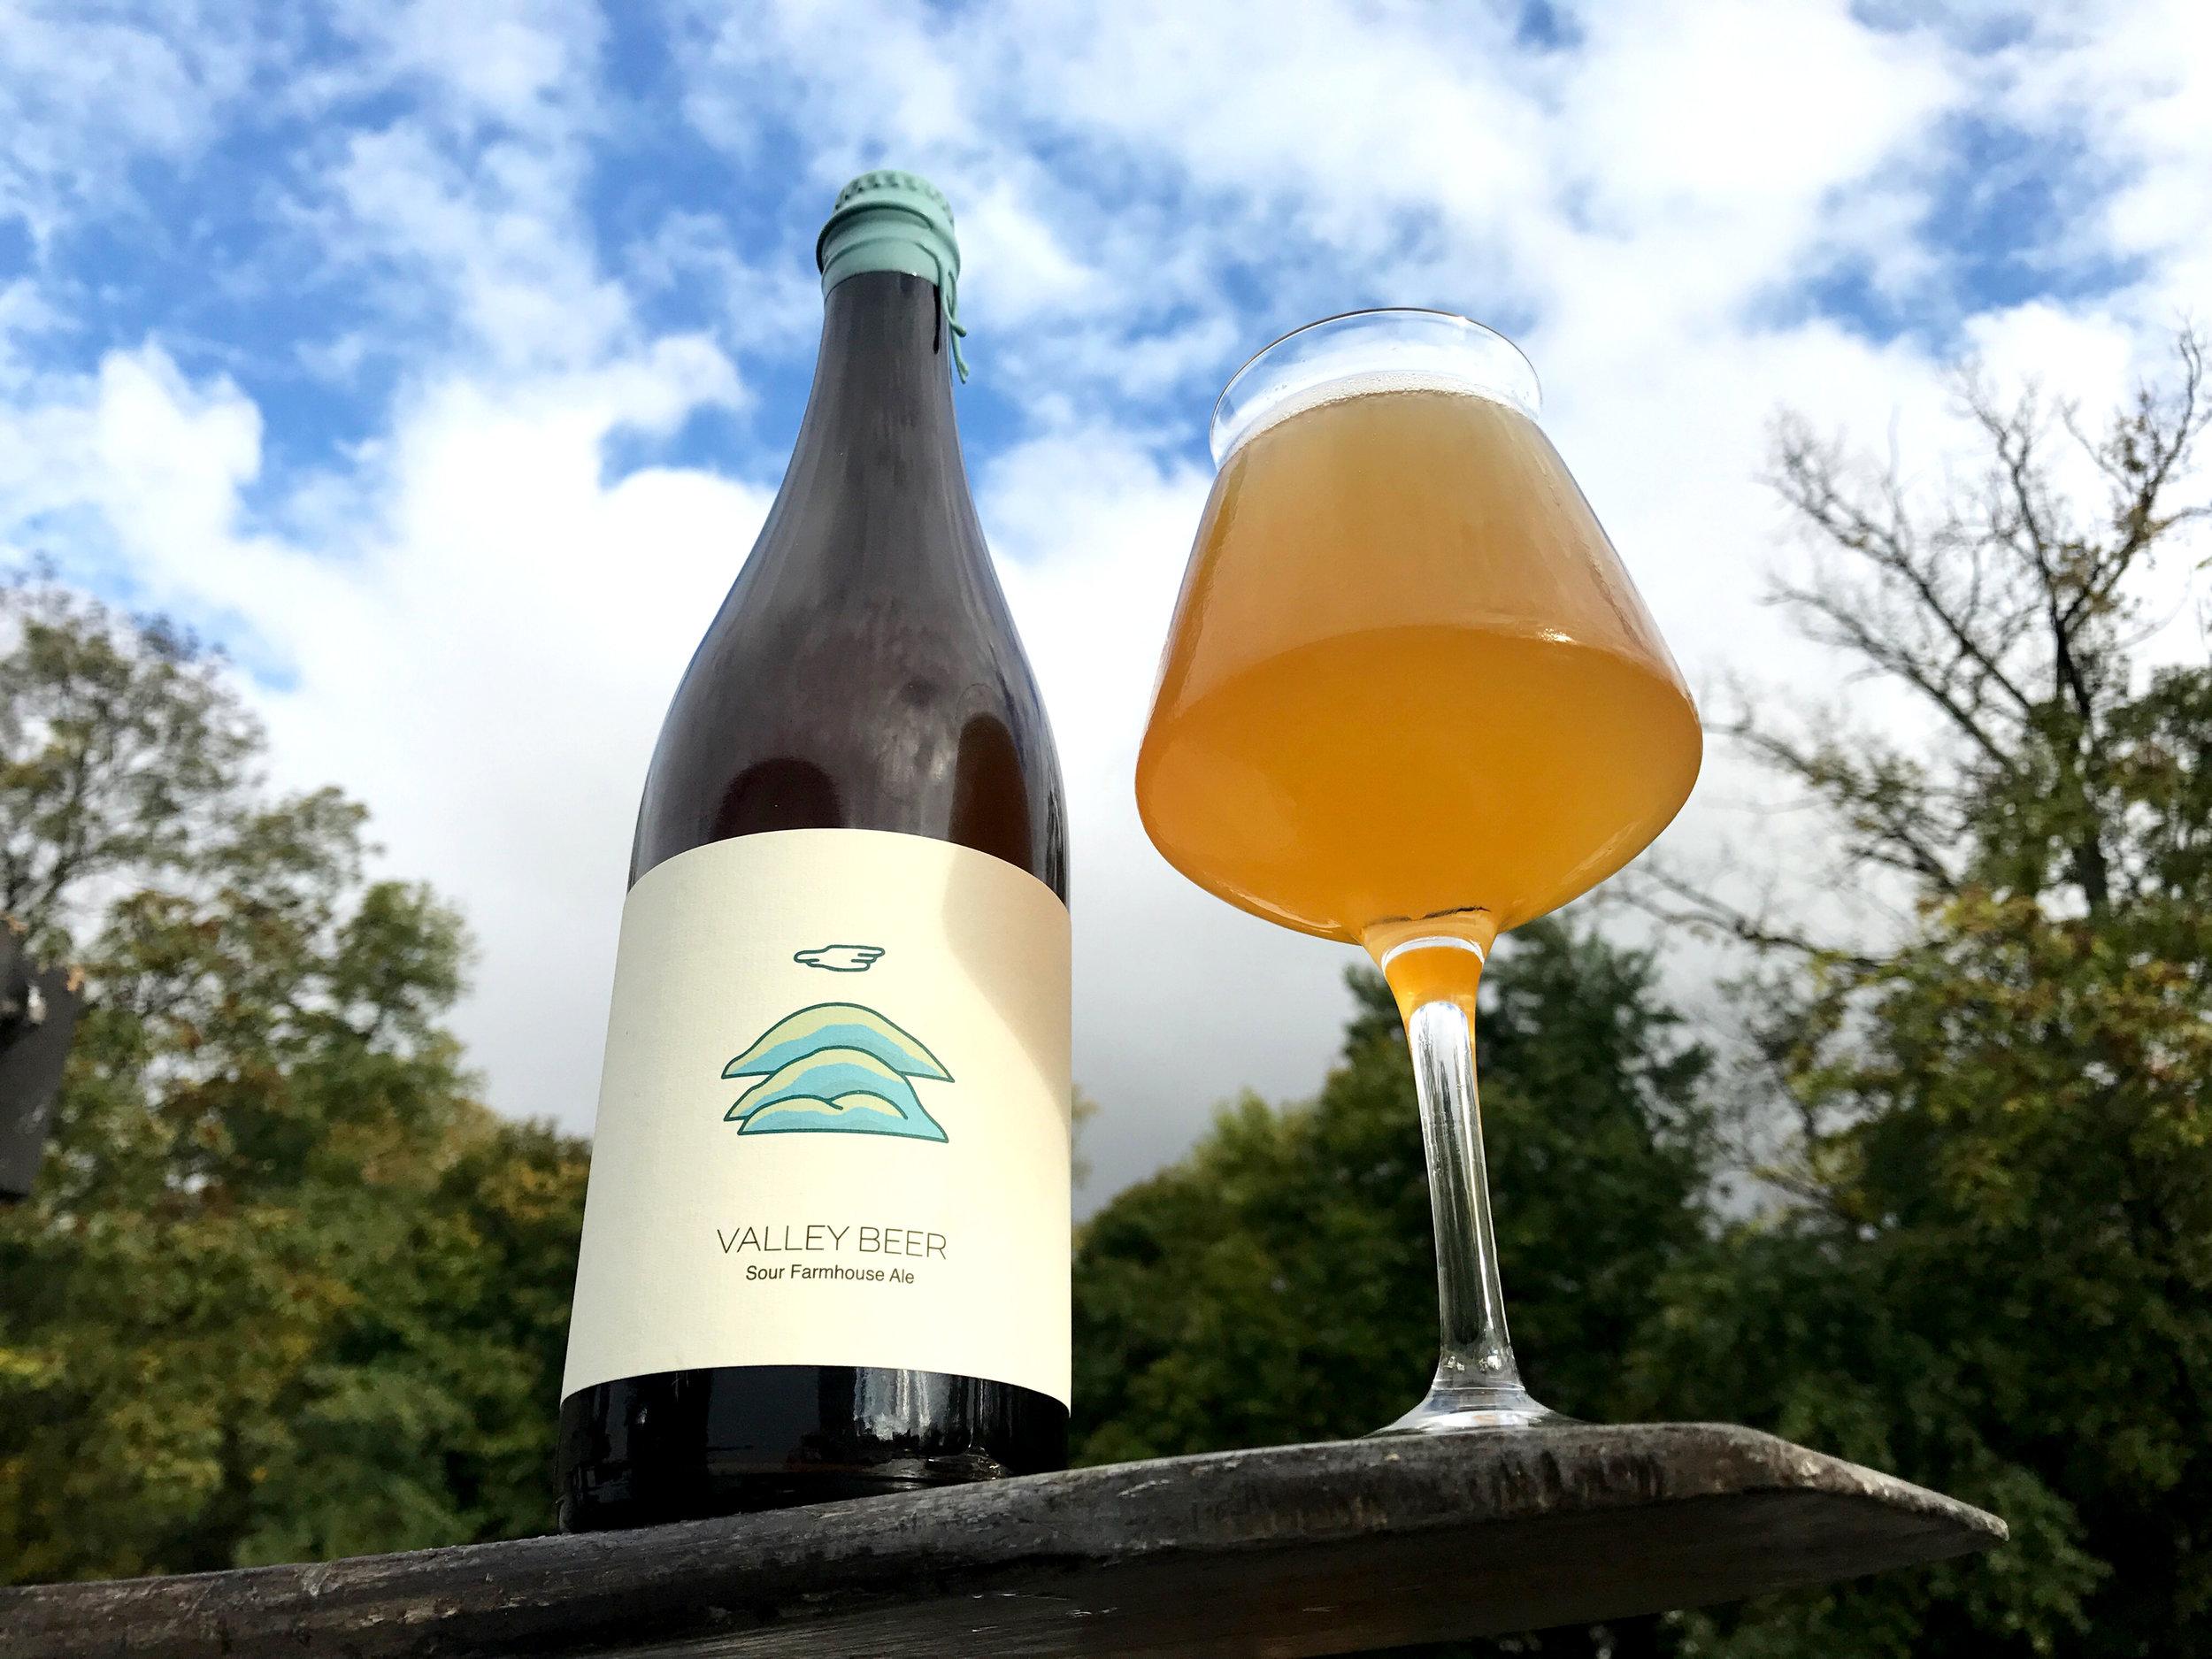 Hudson-Valley-brewery-Valley-Beer.jpg